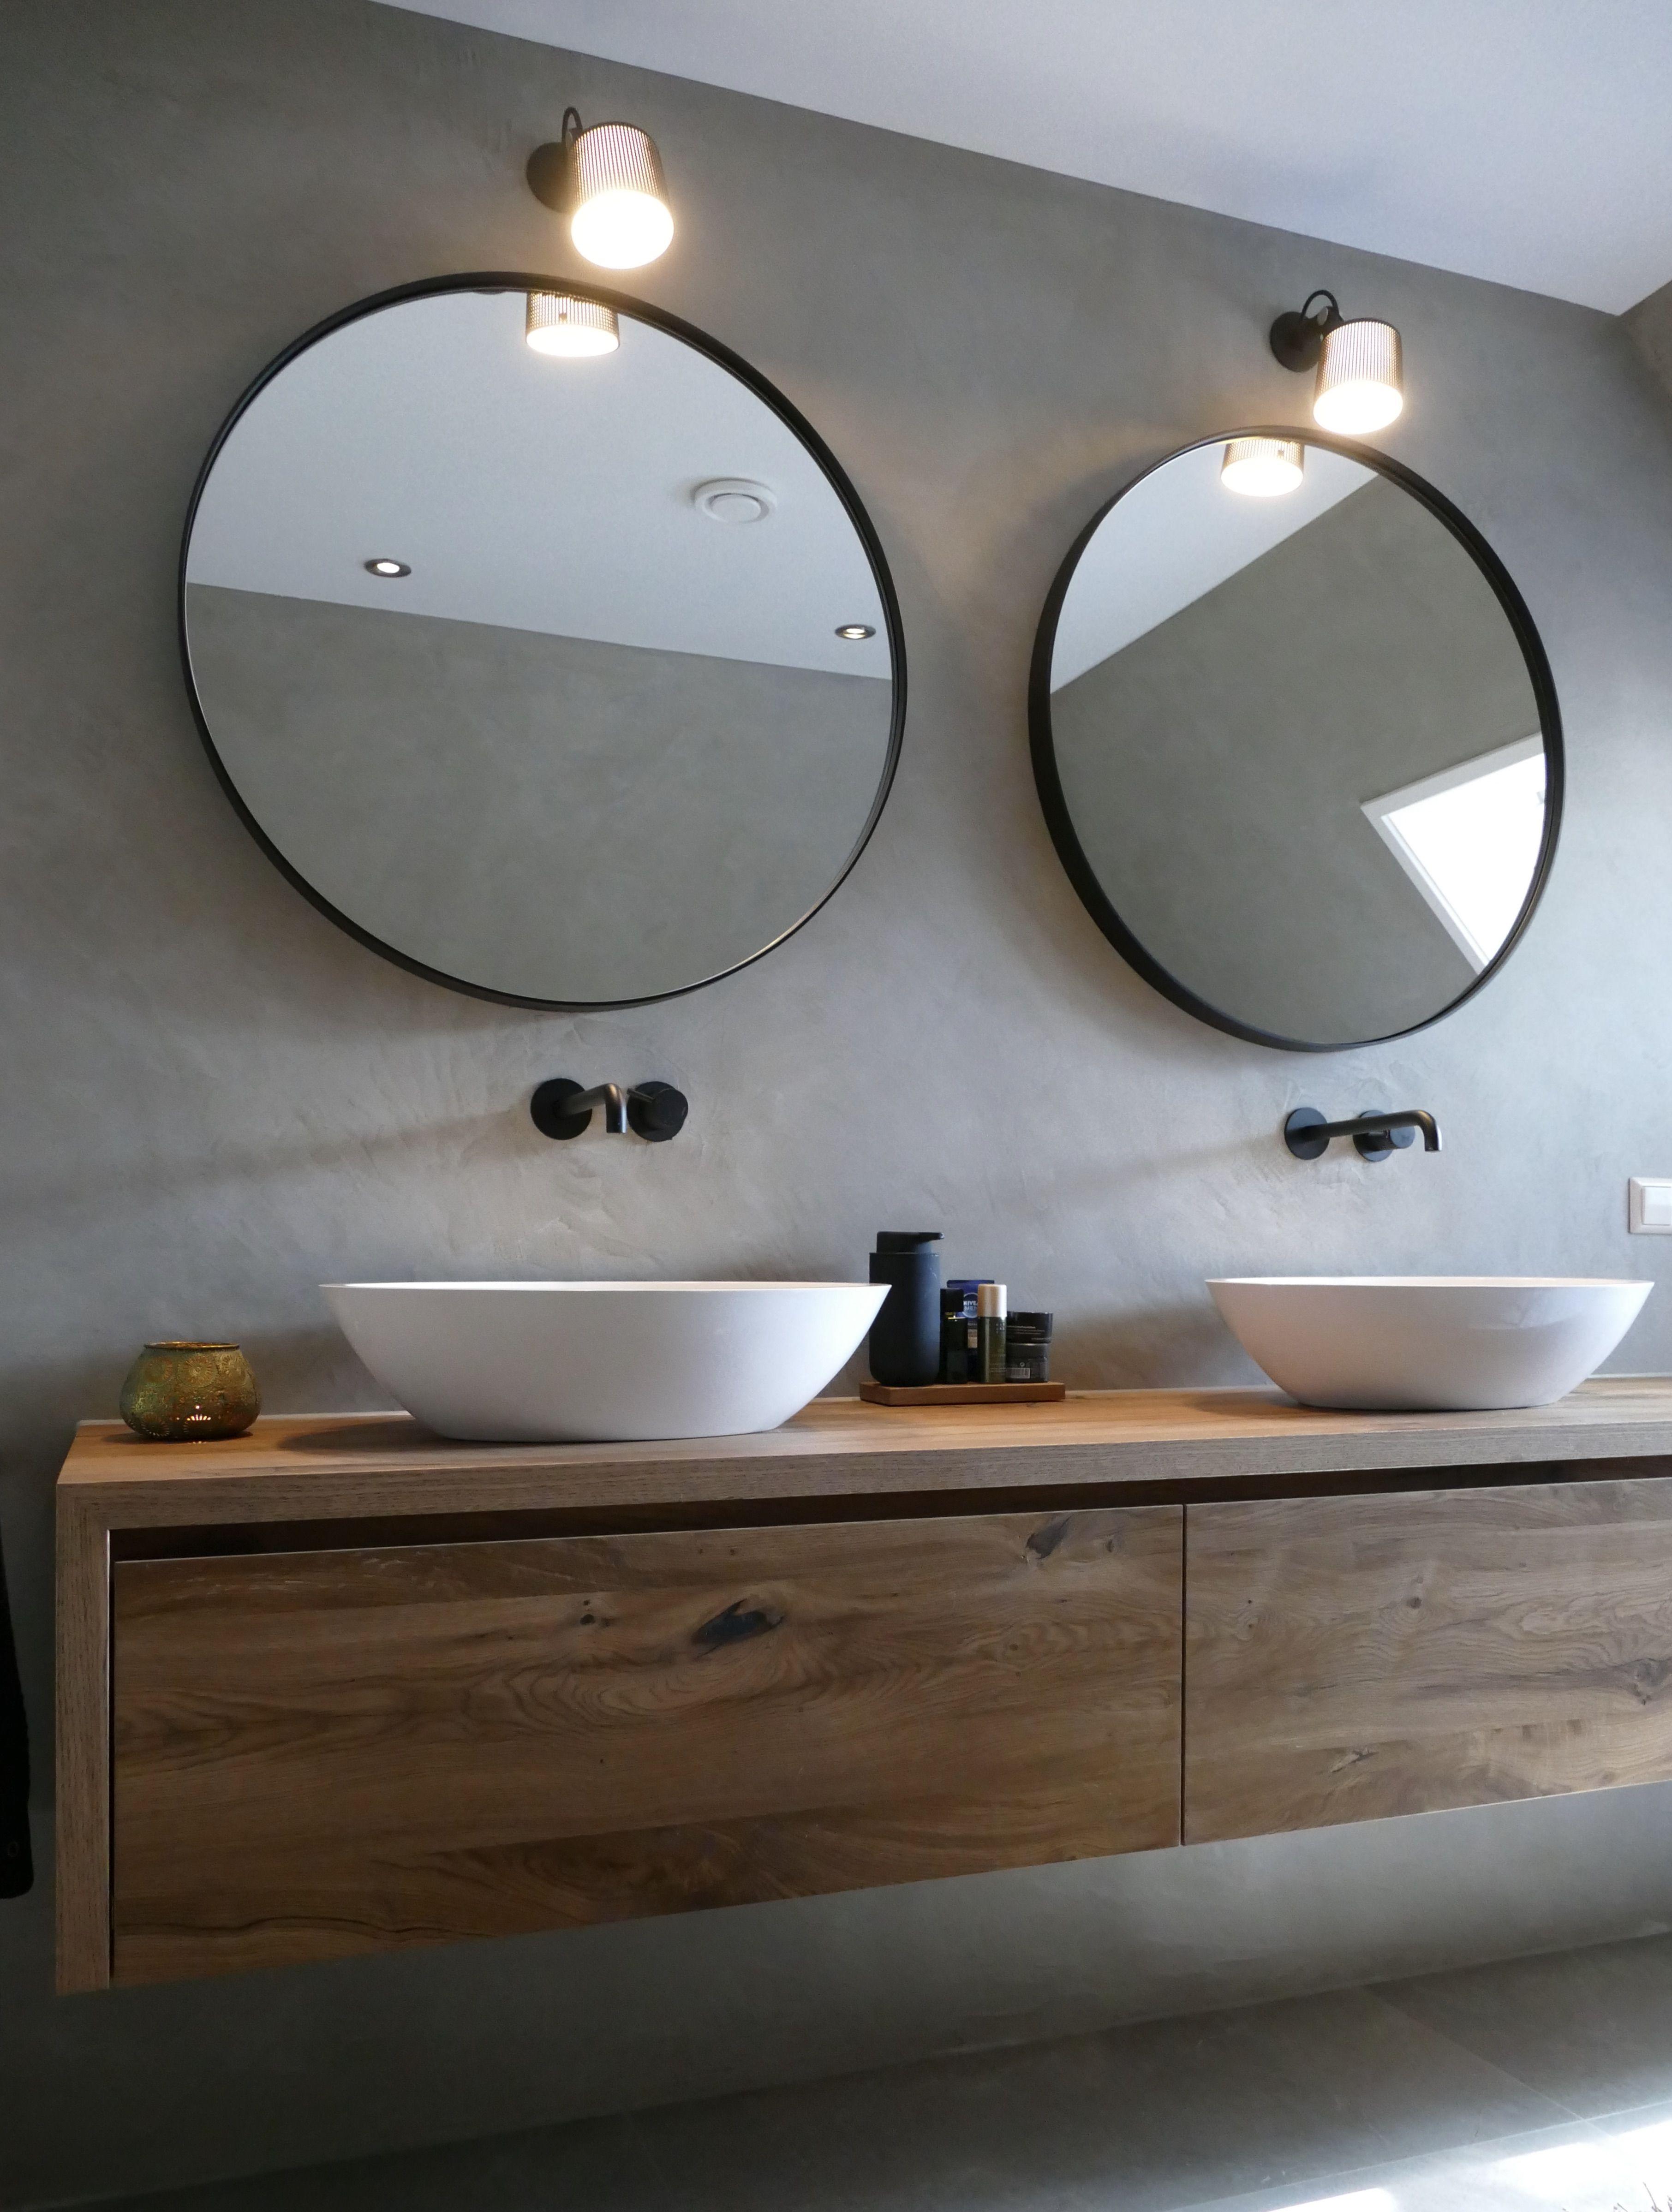 Photo of www.tonscholten.nl #tonscholten #tegels #sanitair #uitgeest #showroom #online #badkamer #ontwerp